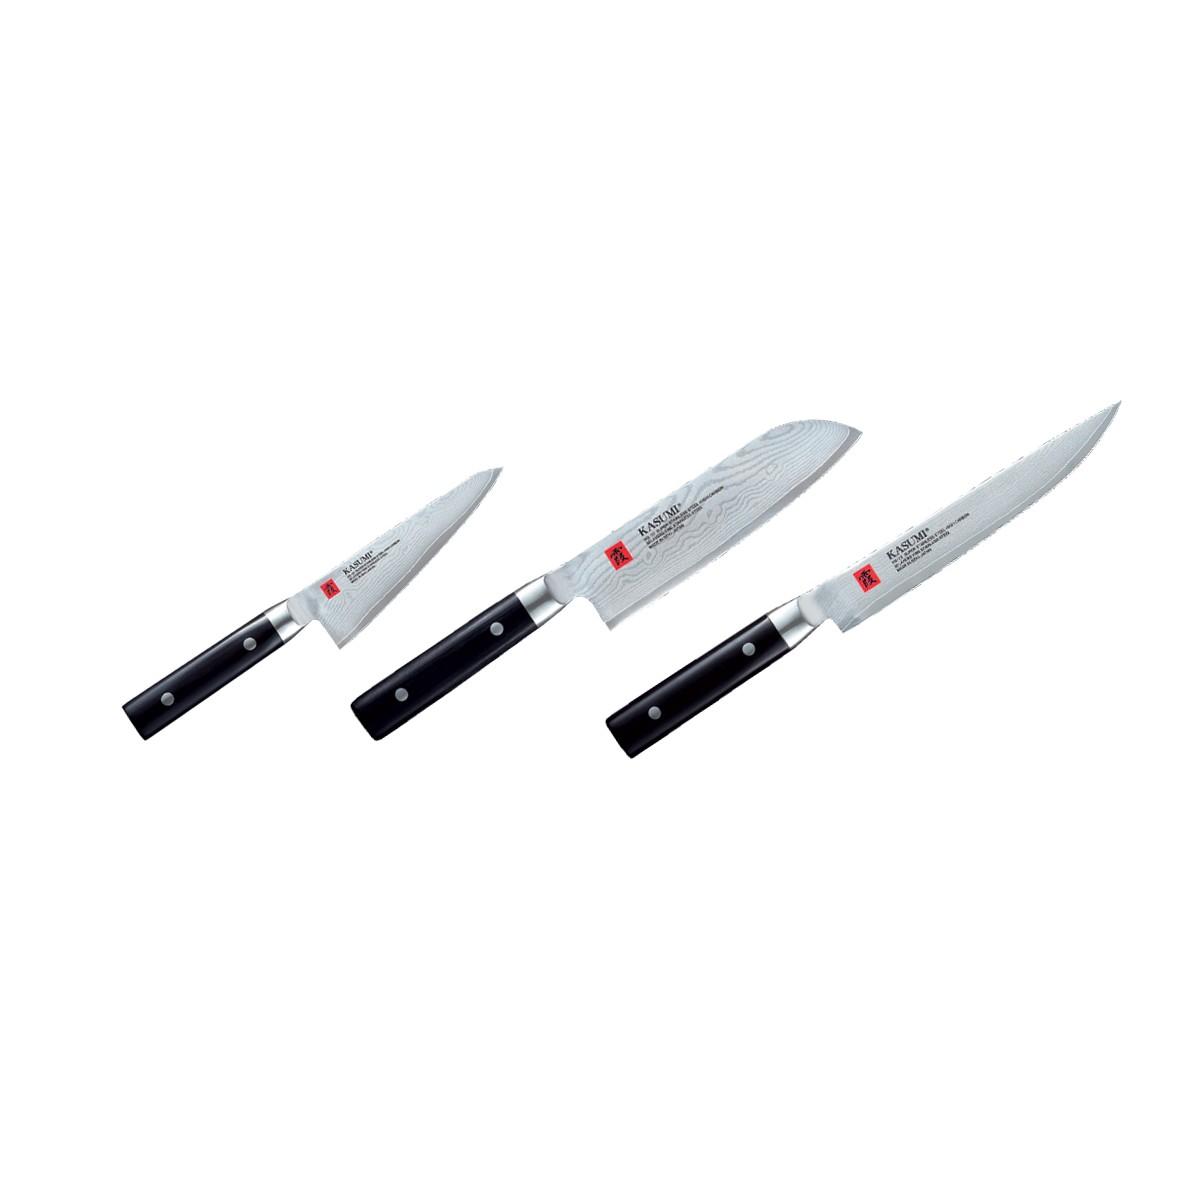 Ensemble de 3 couteaux de cuisine - Kasumi Damas (set B) 8xxxx